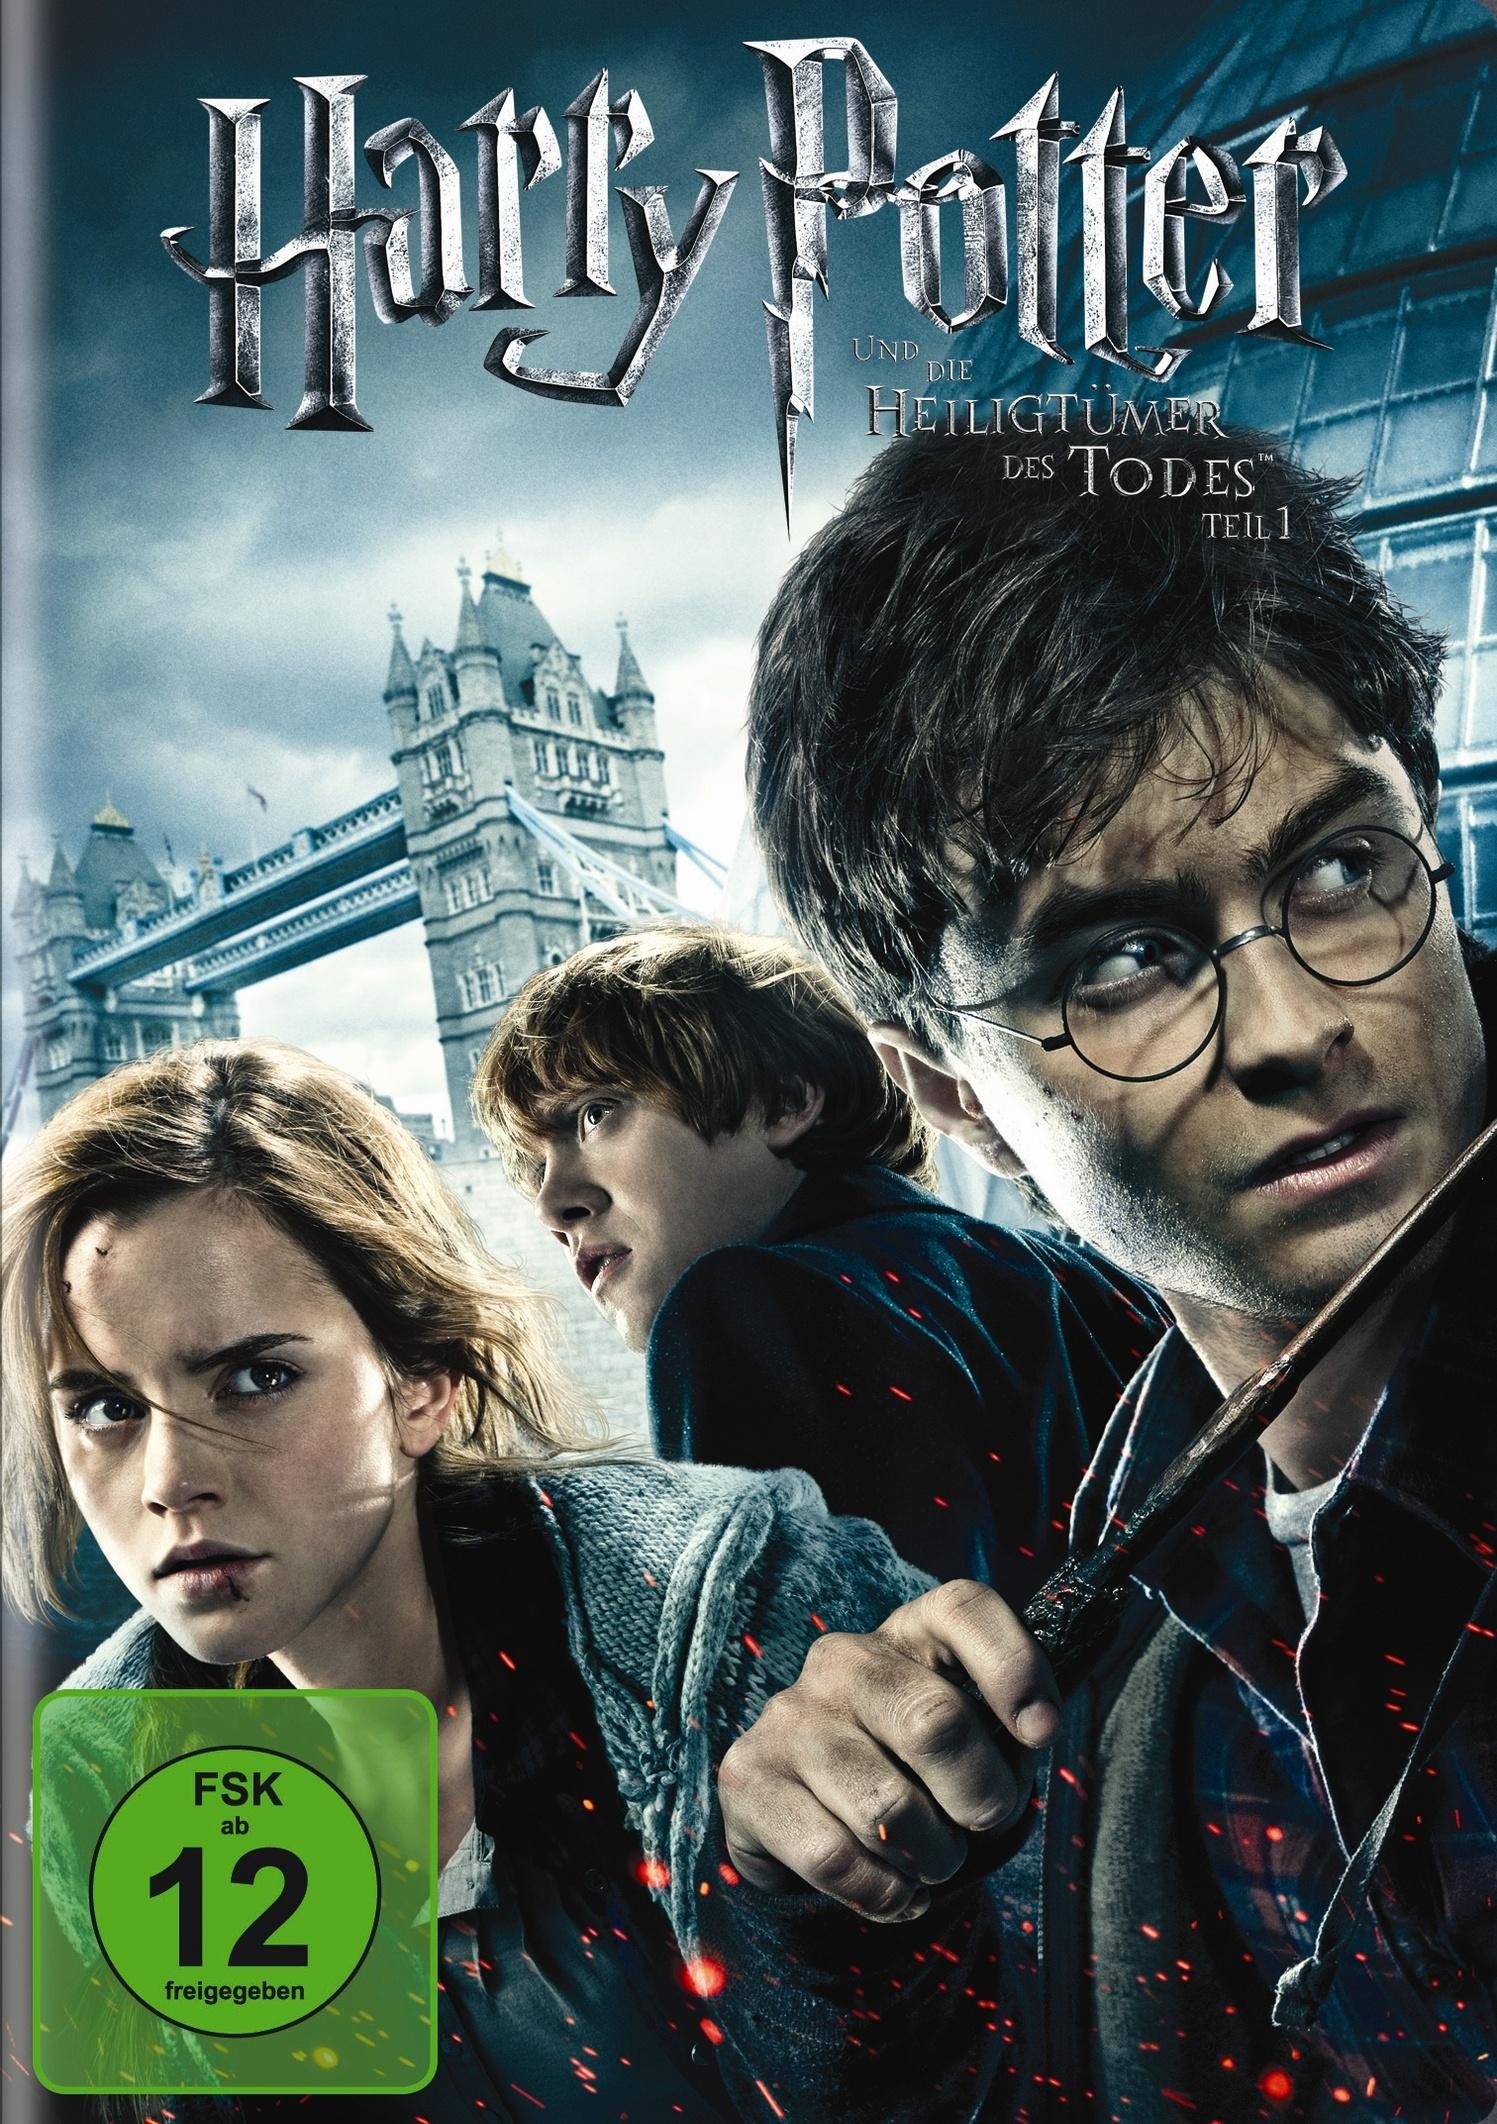 Harry Potter Und Die Heiligtumer Des Todes Teil 1 Film Weltbild De